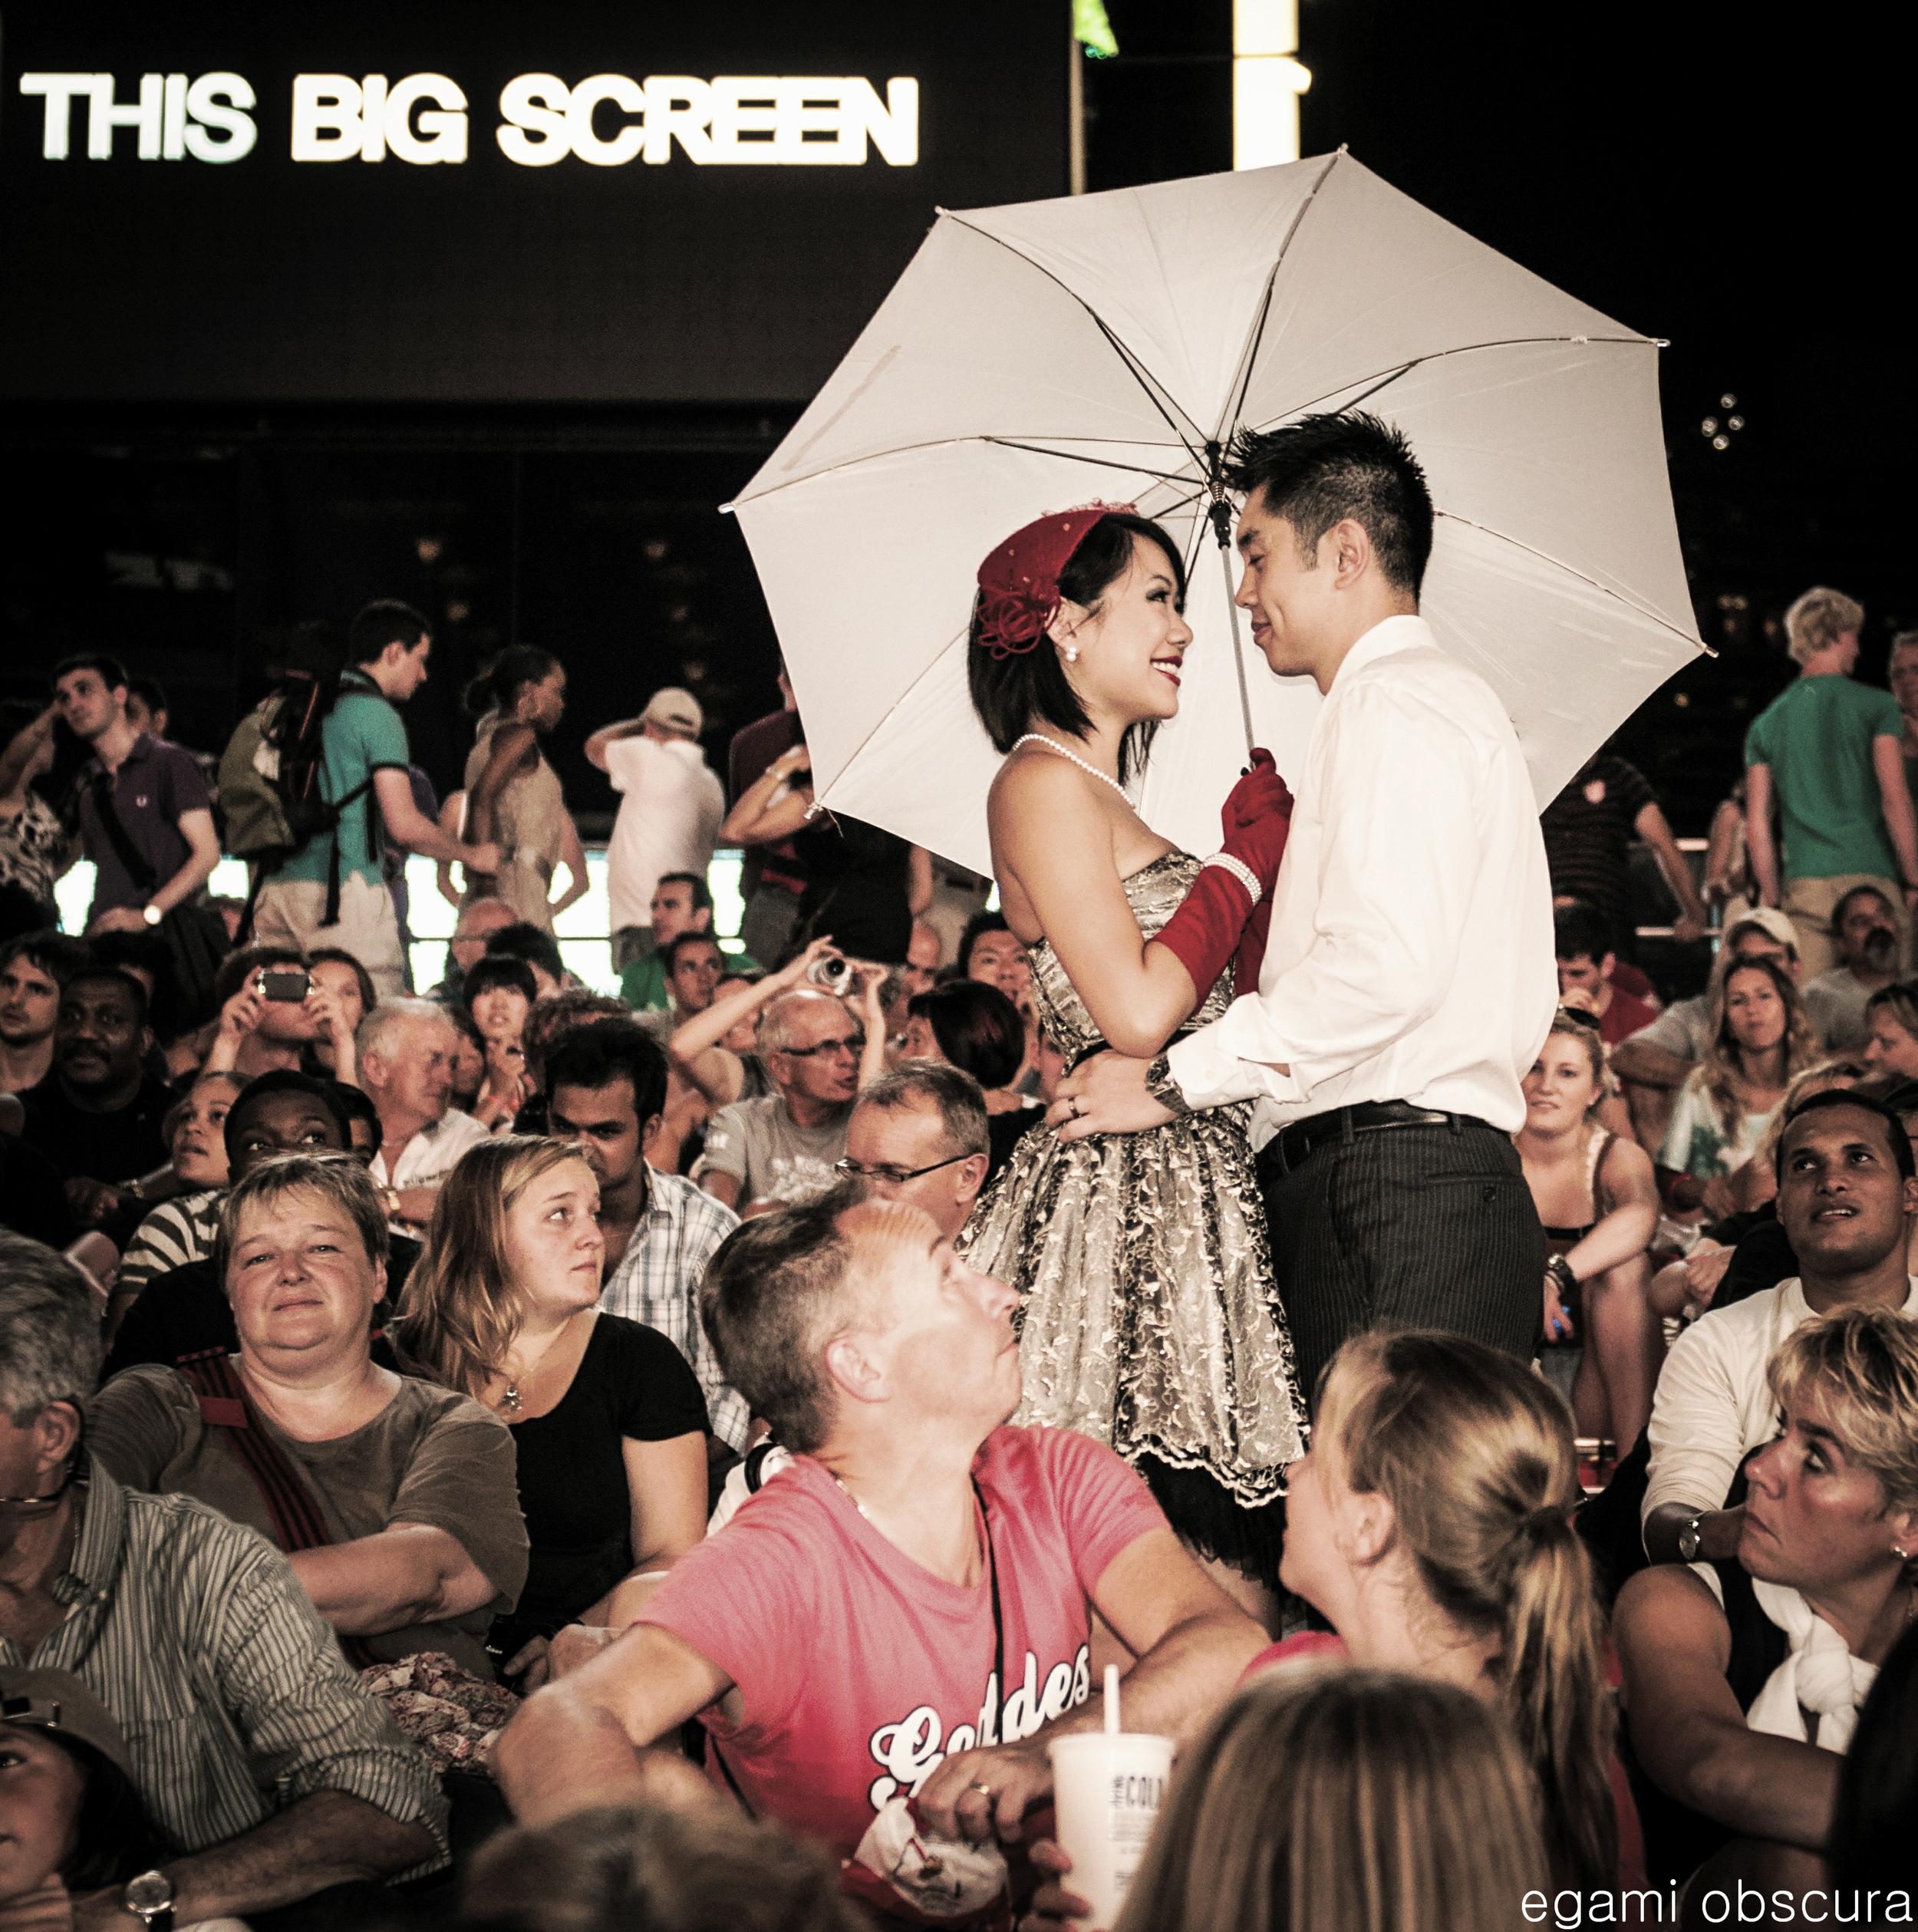 big screen.jpg